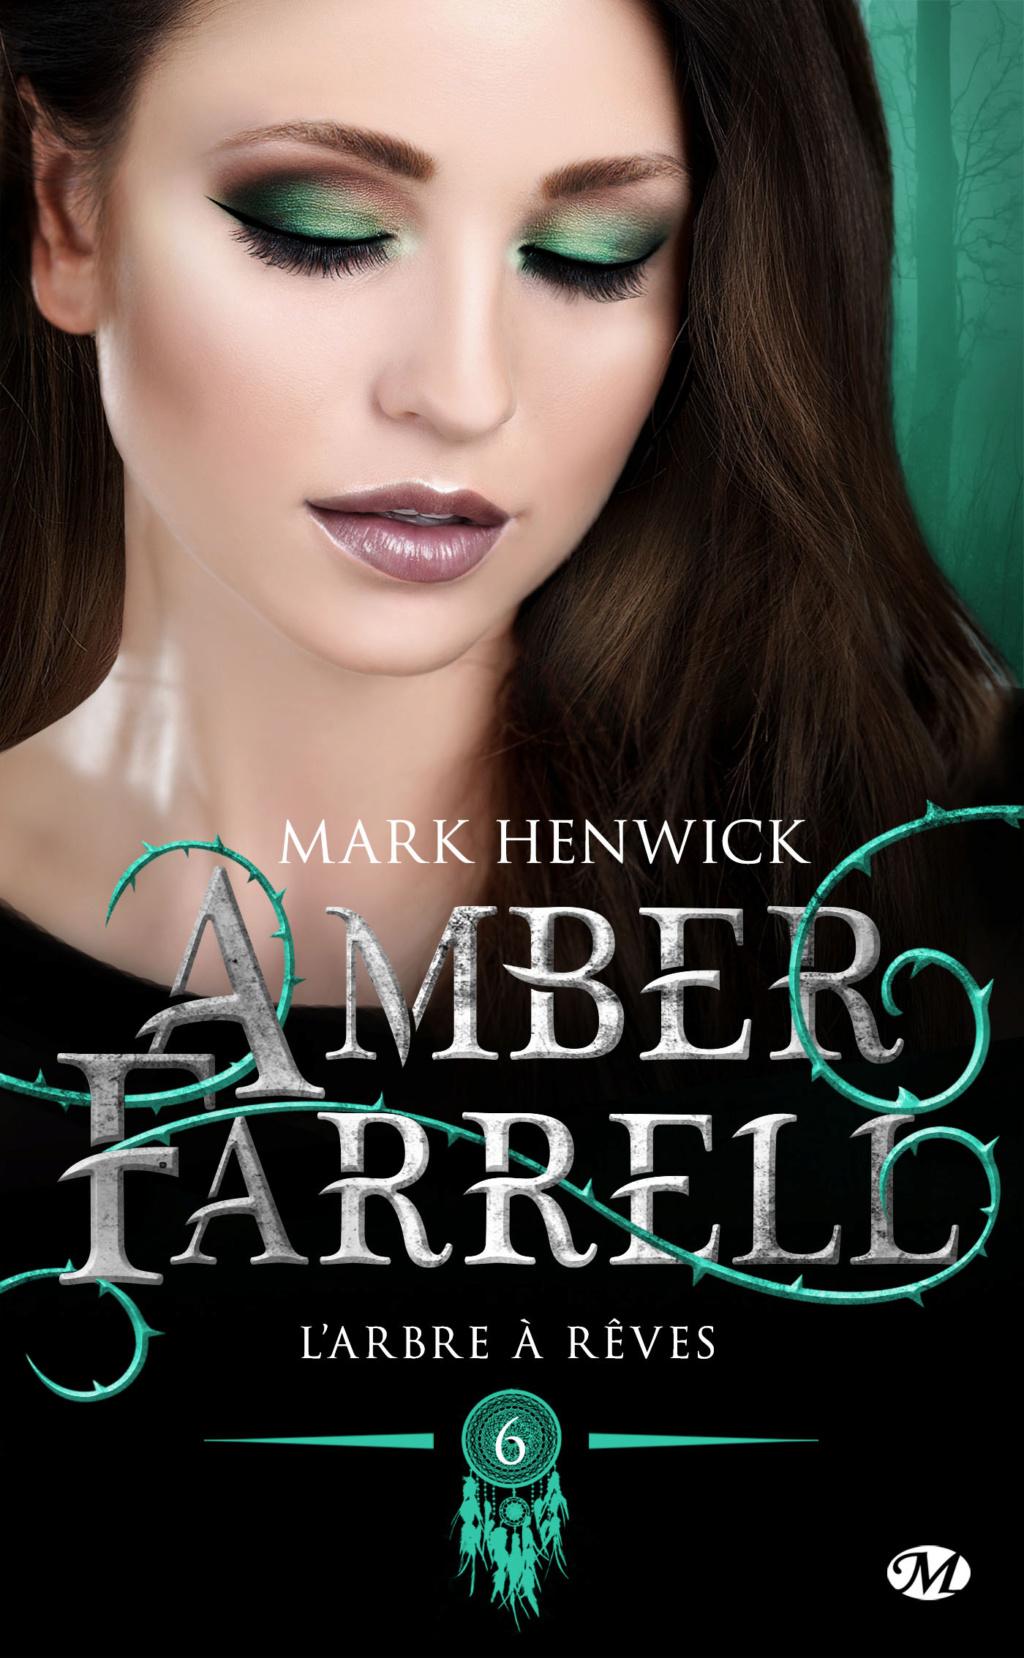 Amber Farrell - Tome 5 : L'arbre à rêves de Mark Henwick Amber-10